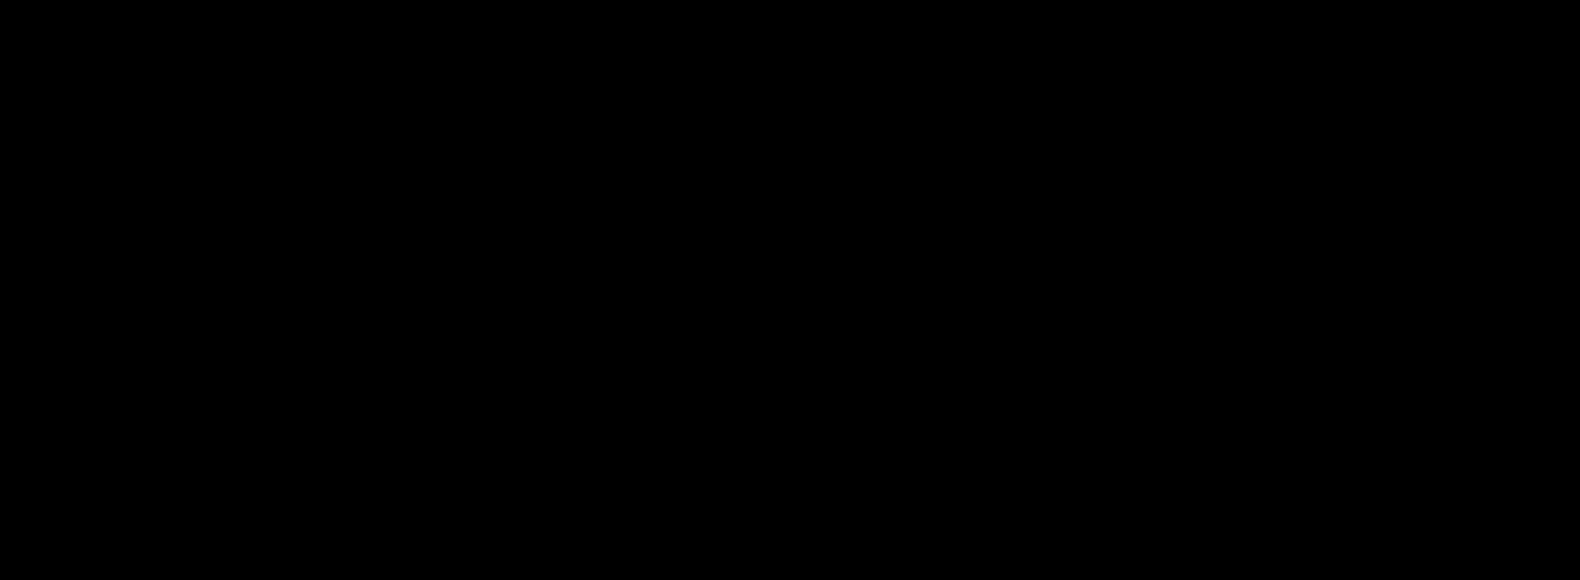 Herotag